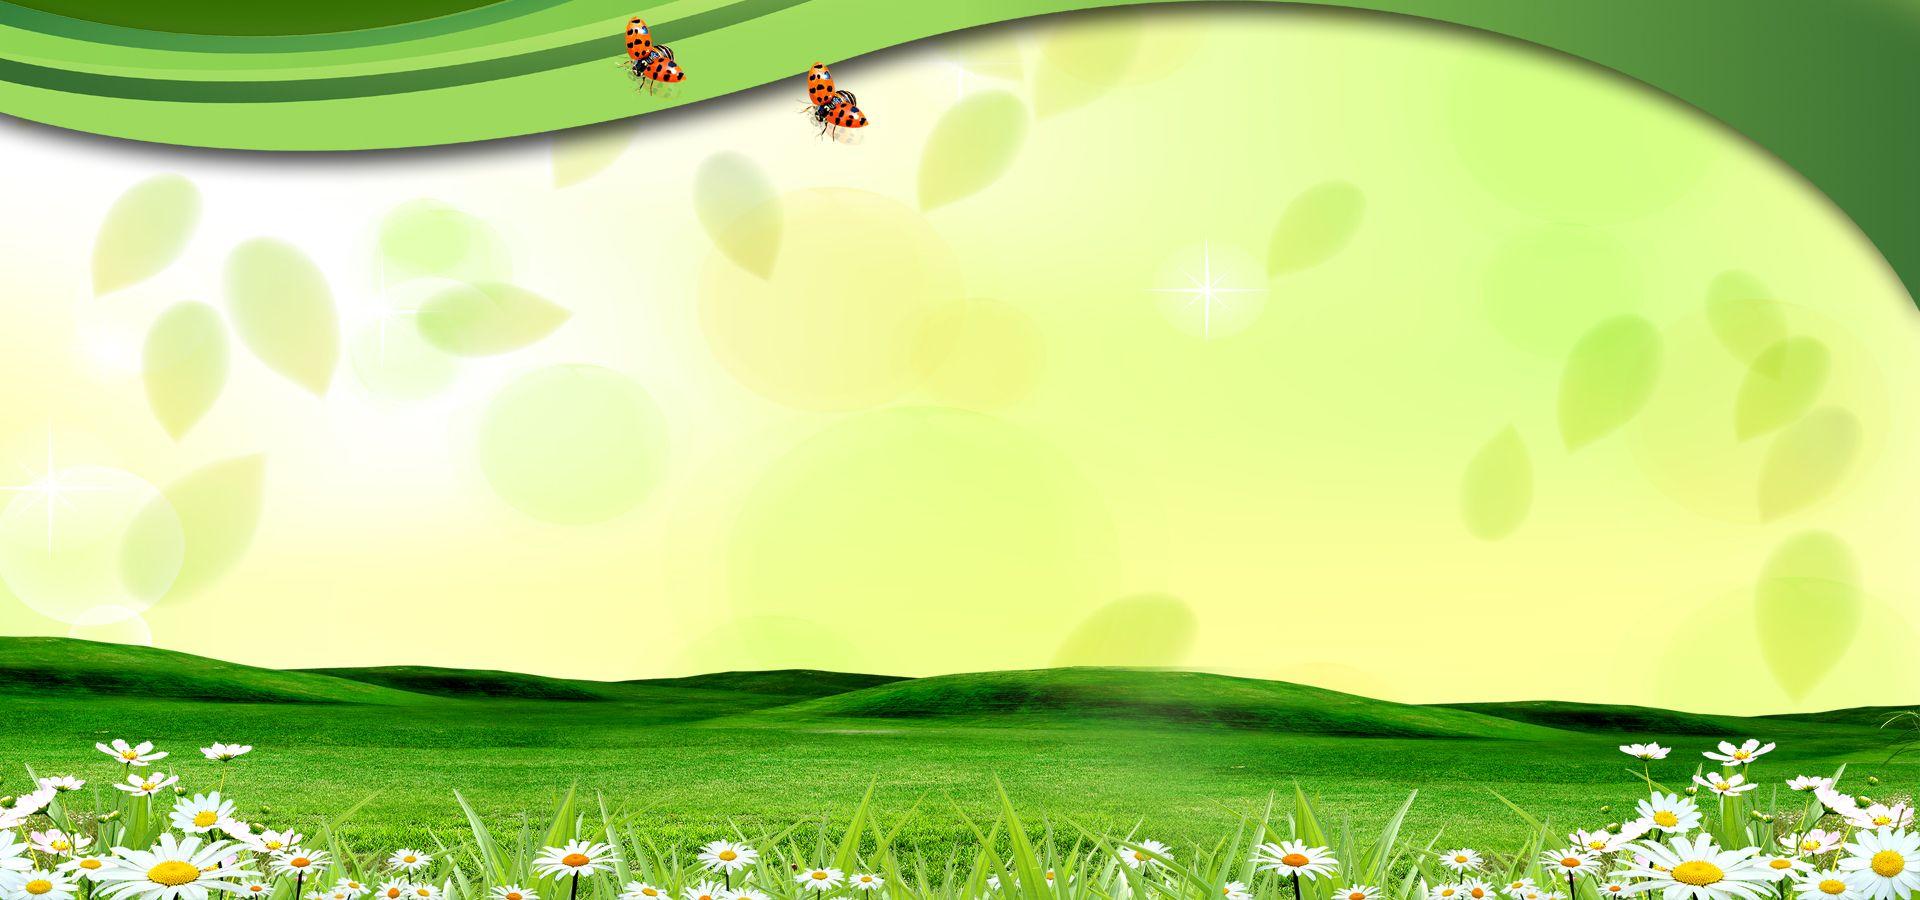 Simple Natural Green Leaf H5 Illustration In 2020 Green Backgrounds Green Nature Backdrops Backgrounds